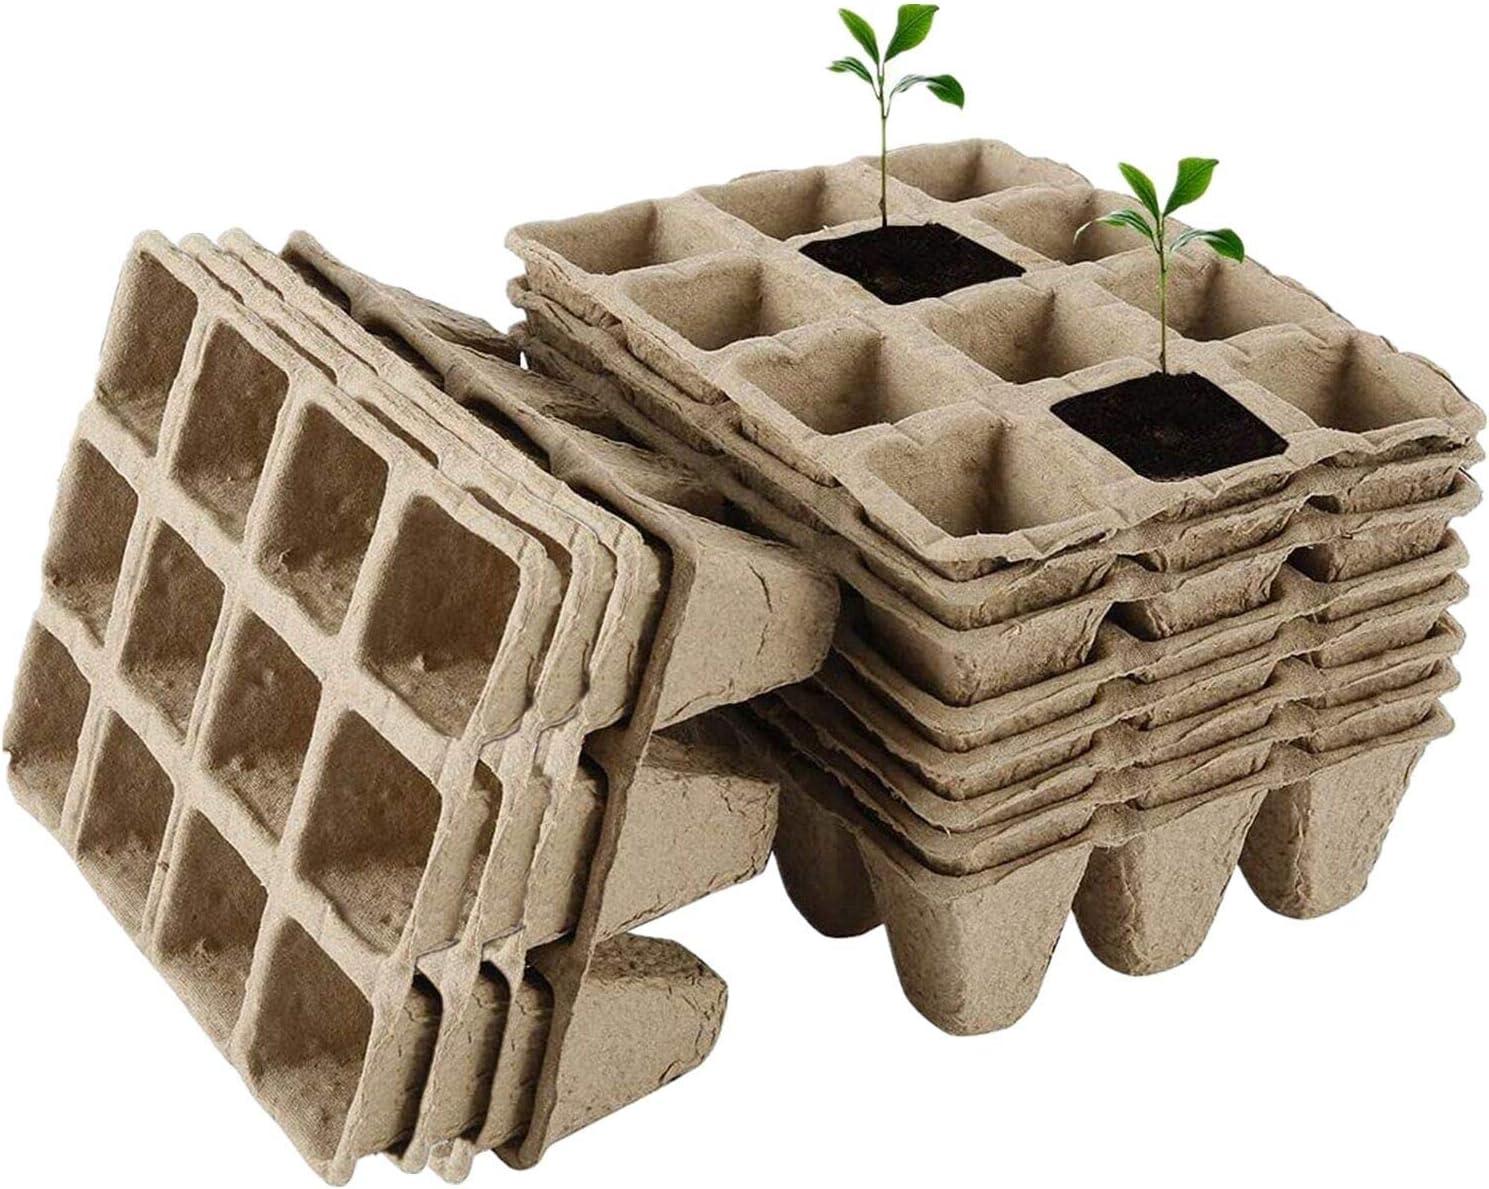 12 Piezas 12 Grid Bandeja Semillero Macetas Biodegradables Turba Bandeja Germinación y Herramientas Trasplante para Jardín, Balcón, Semilla, Plantas, Vegetal, Fruta